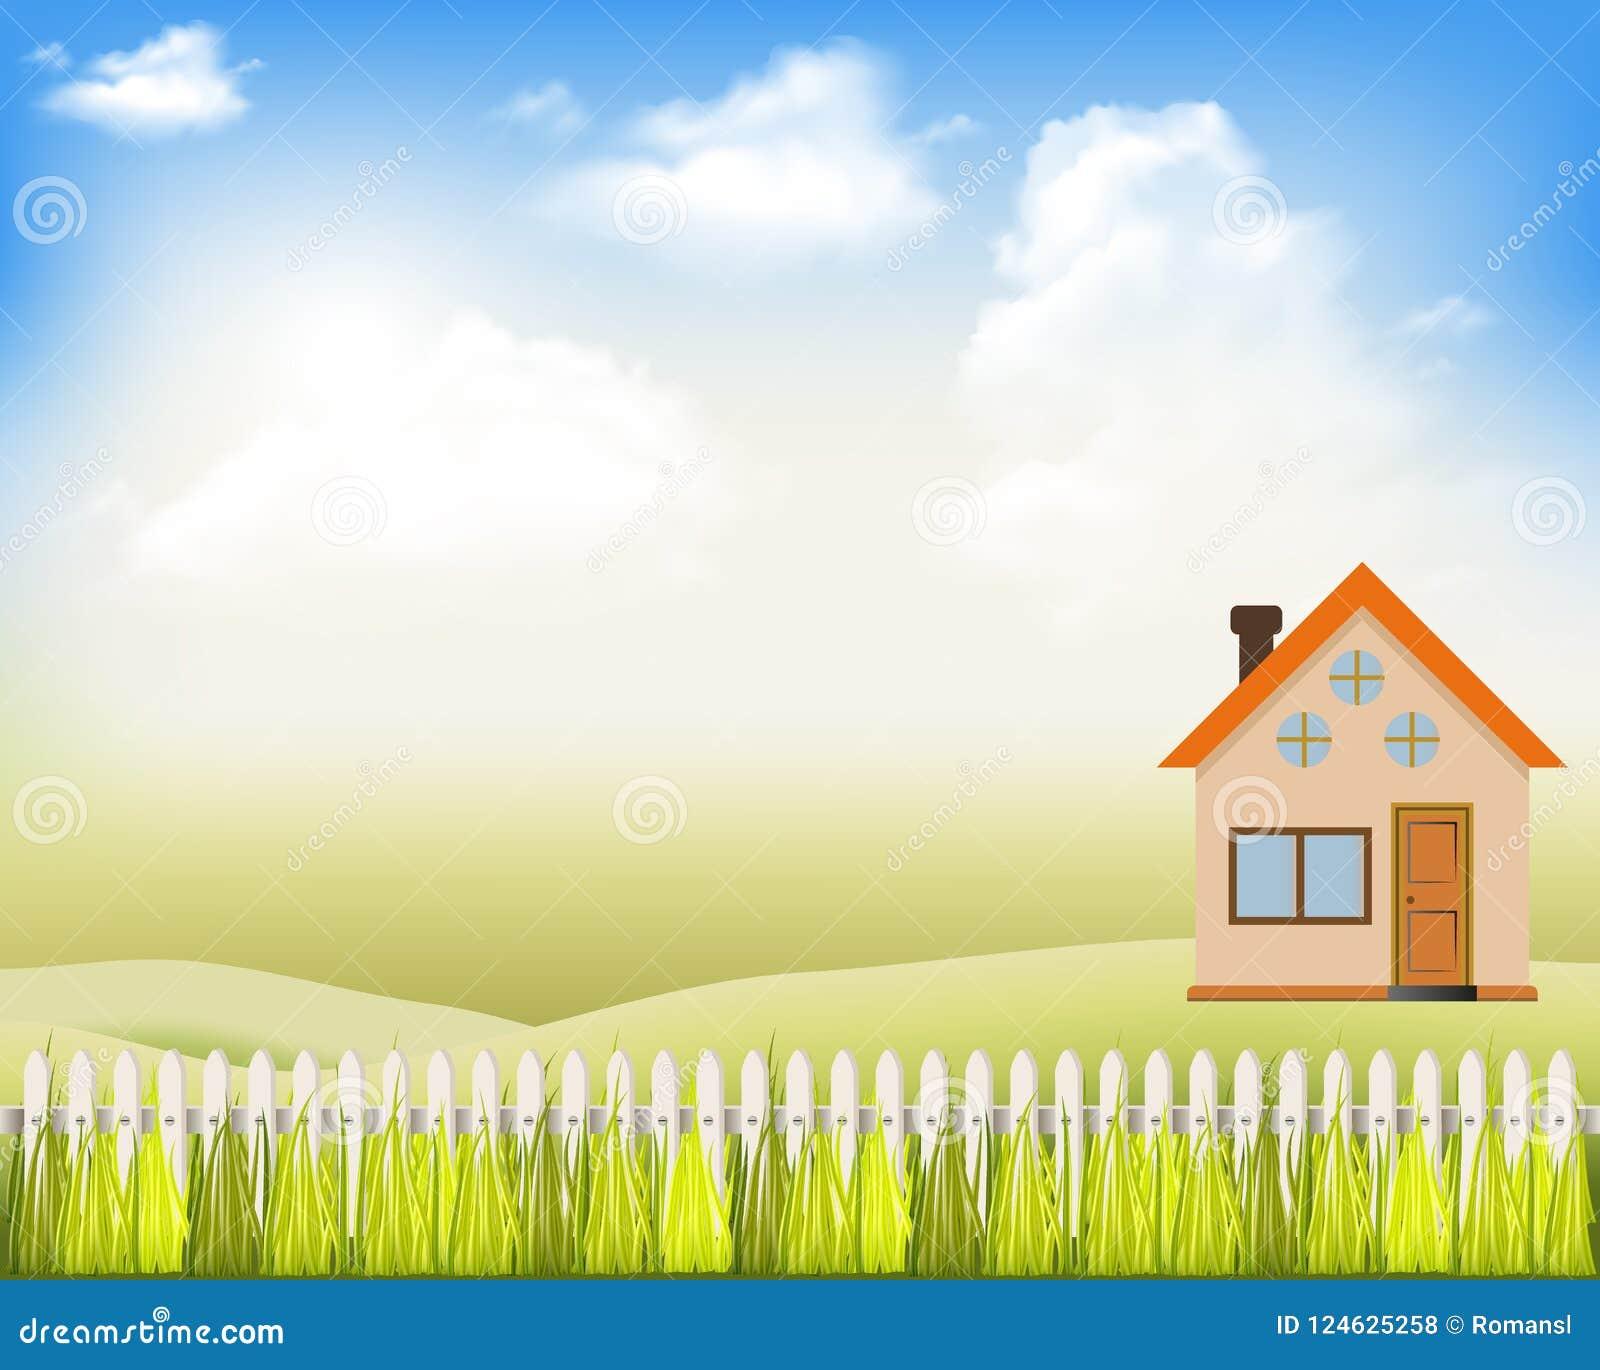 Vectorillustraties modern huis op de aard met een witte omheining en blauwe hemel met wolken Dit is dossier van EPS10-formaat Lan